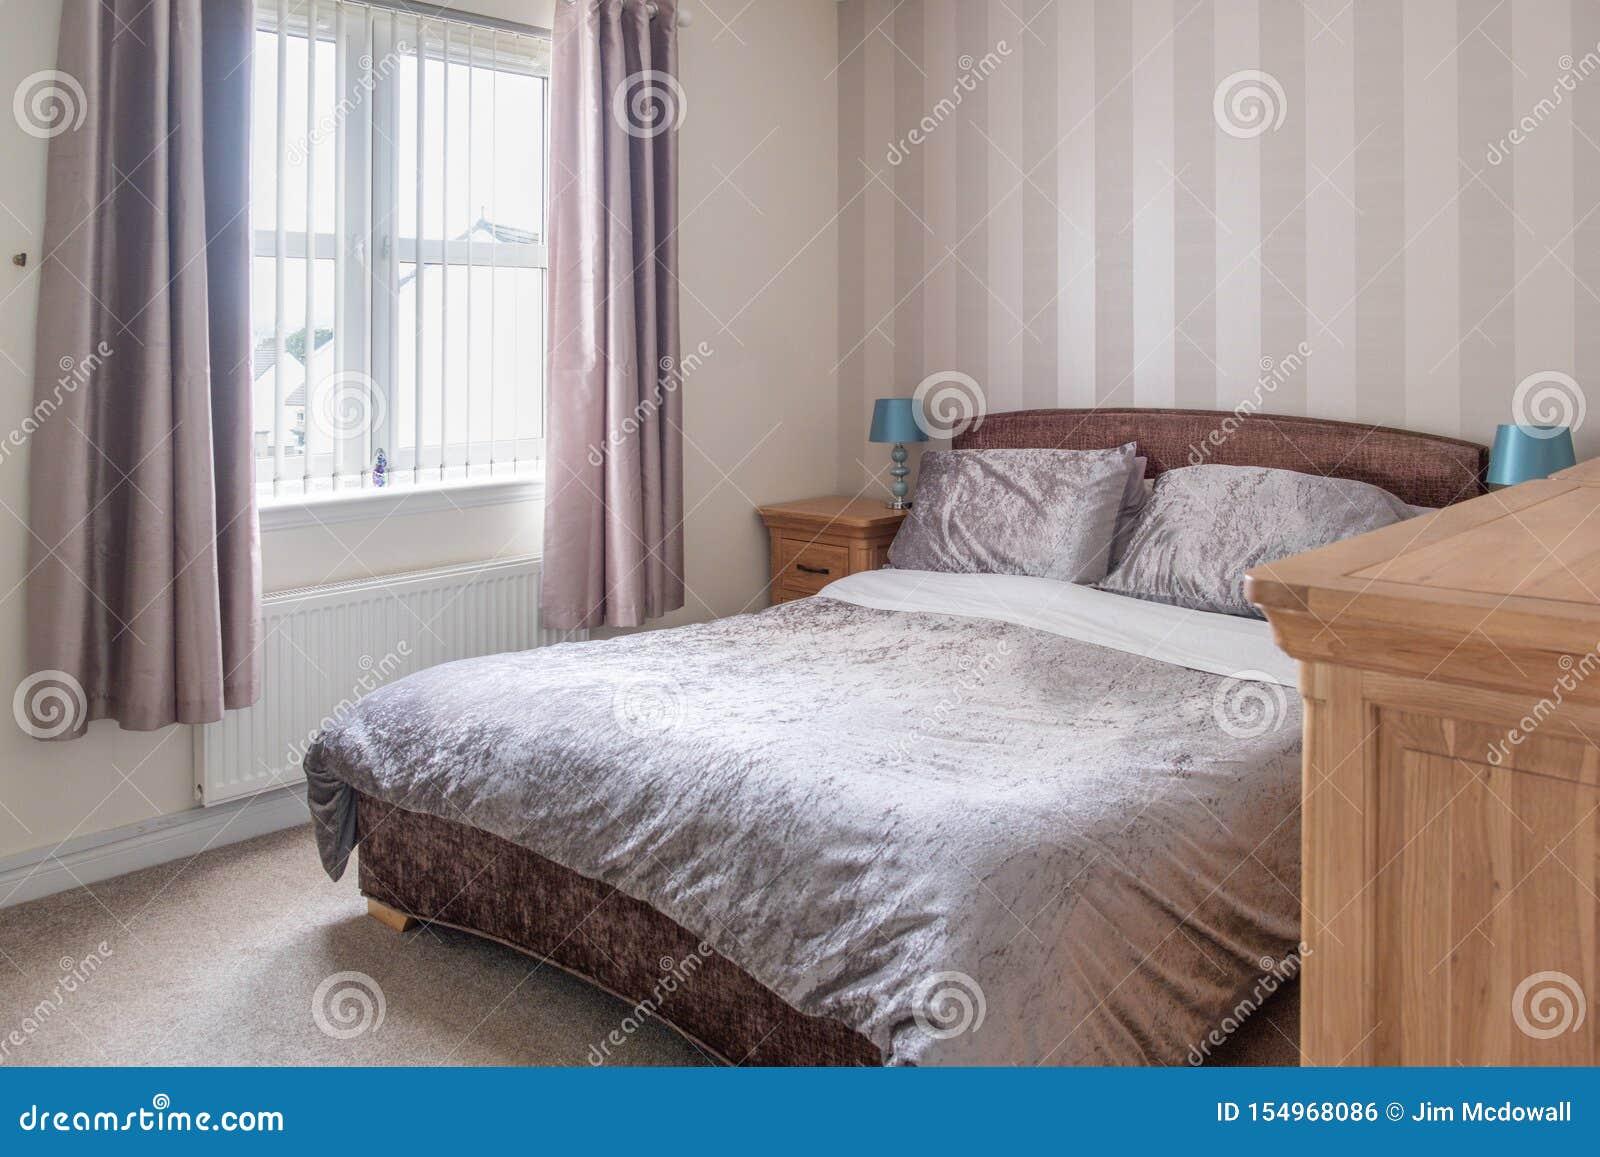 Dormitorio moderno en la urbanización escocesa adornado en colores modernos suaves